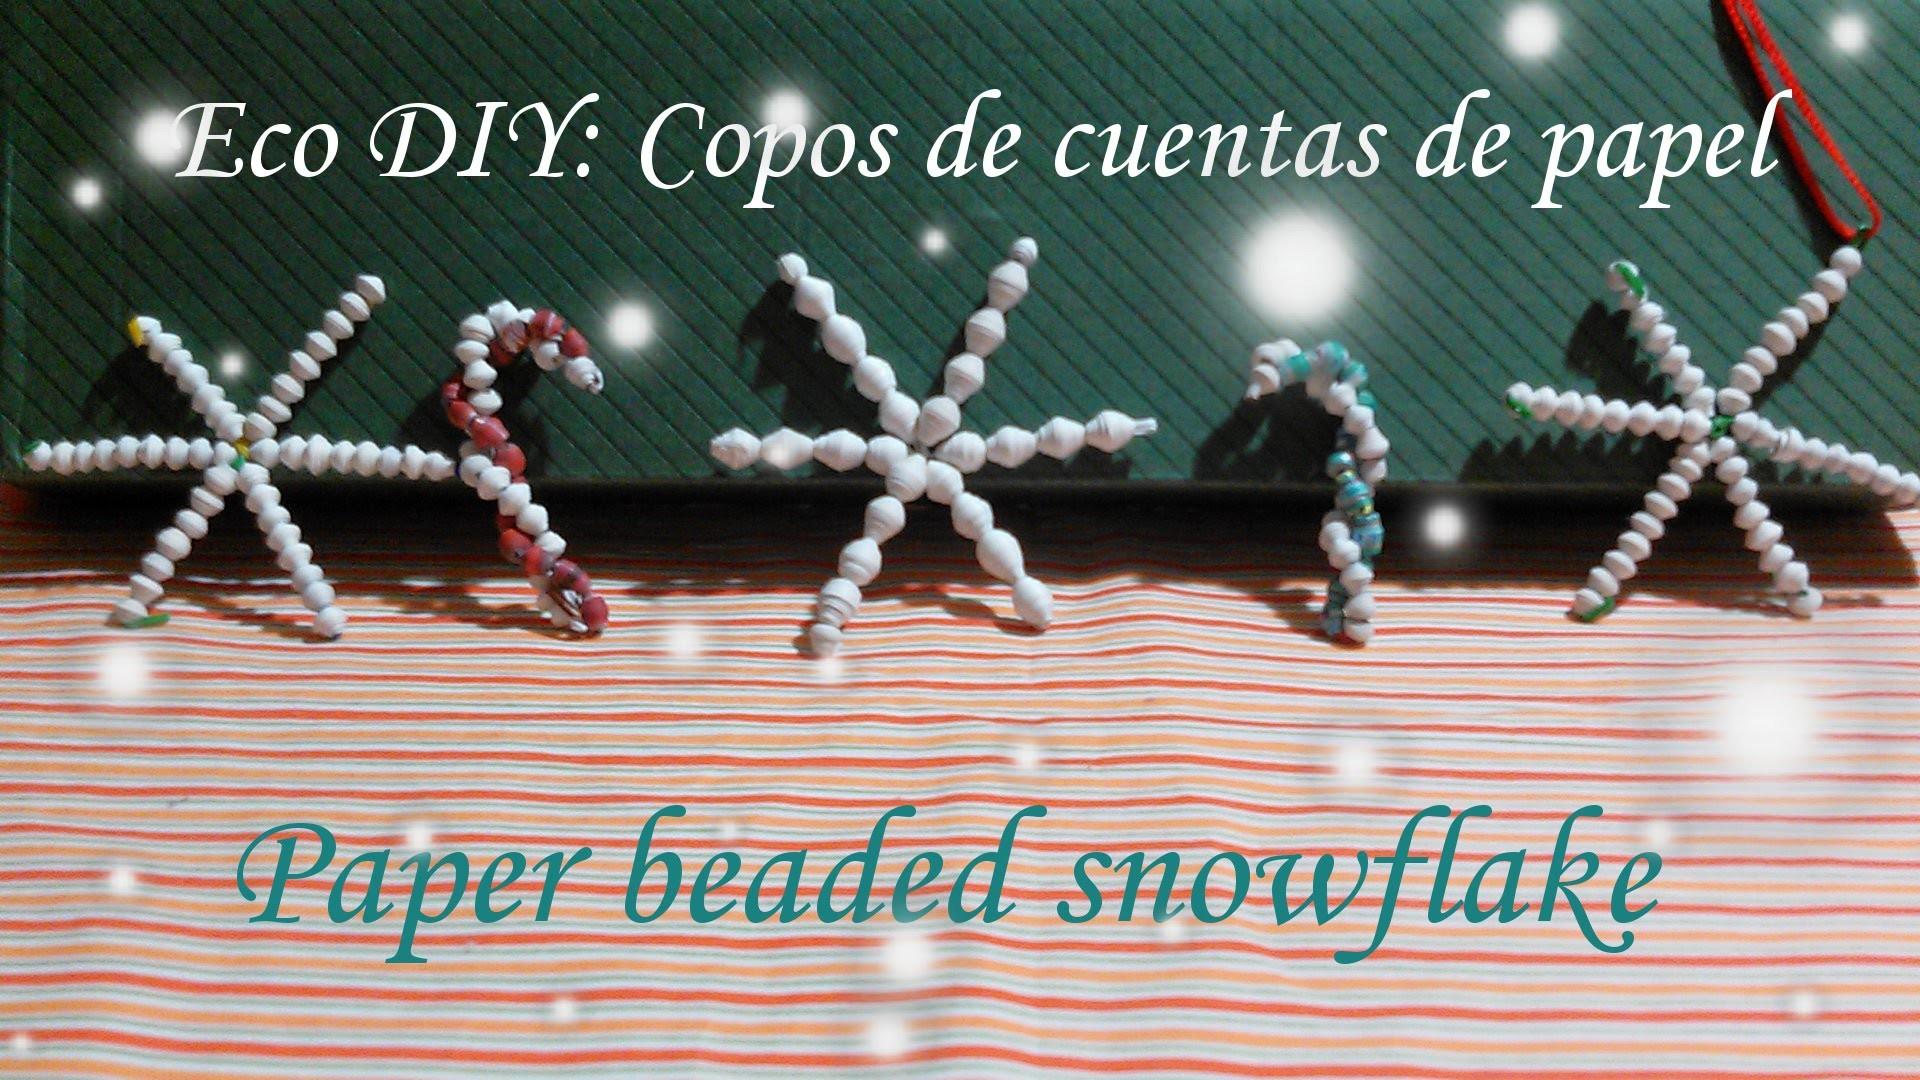 Eco DIY: Copos de cuentas de papel.paper beaded snowflake